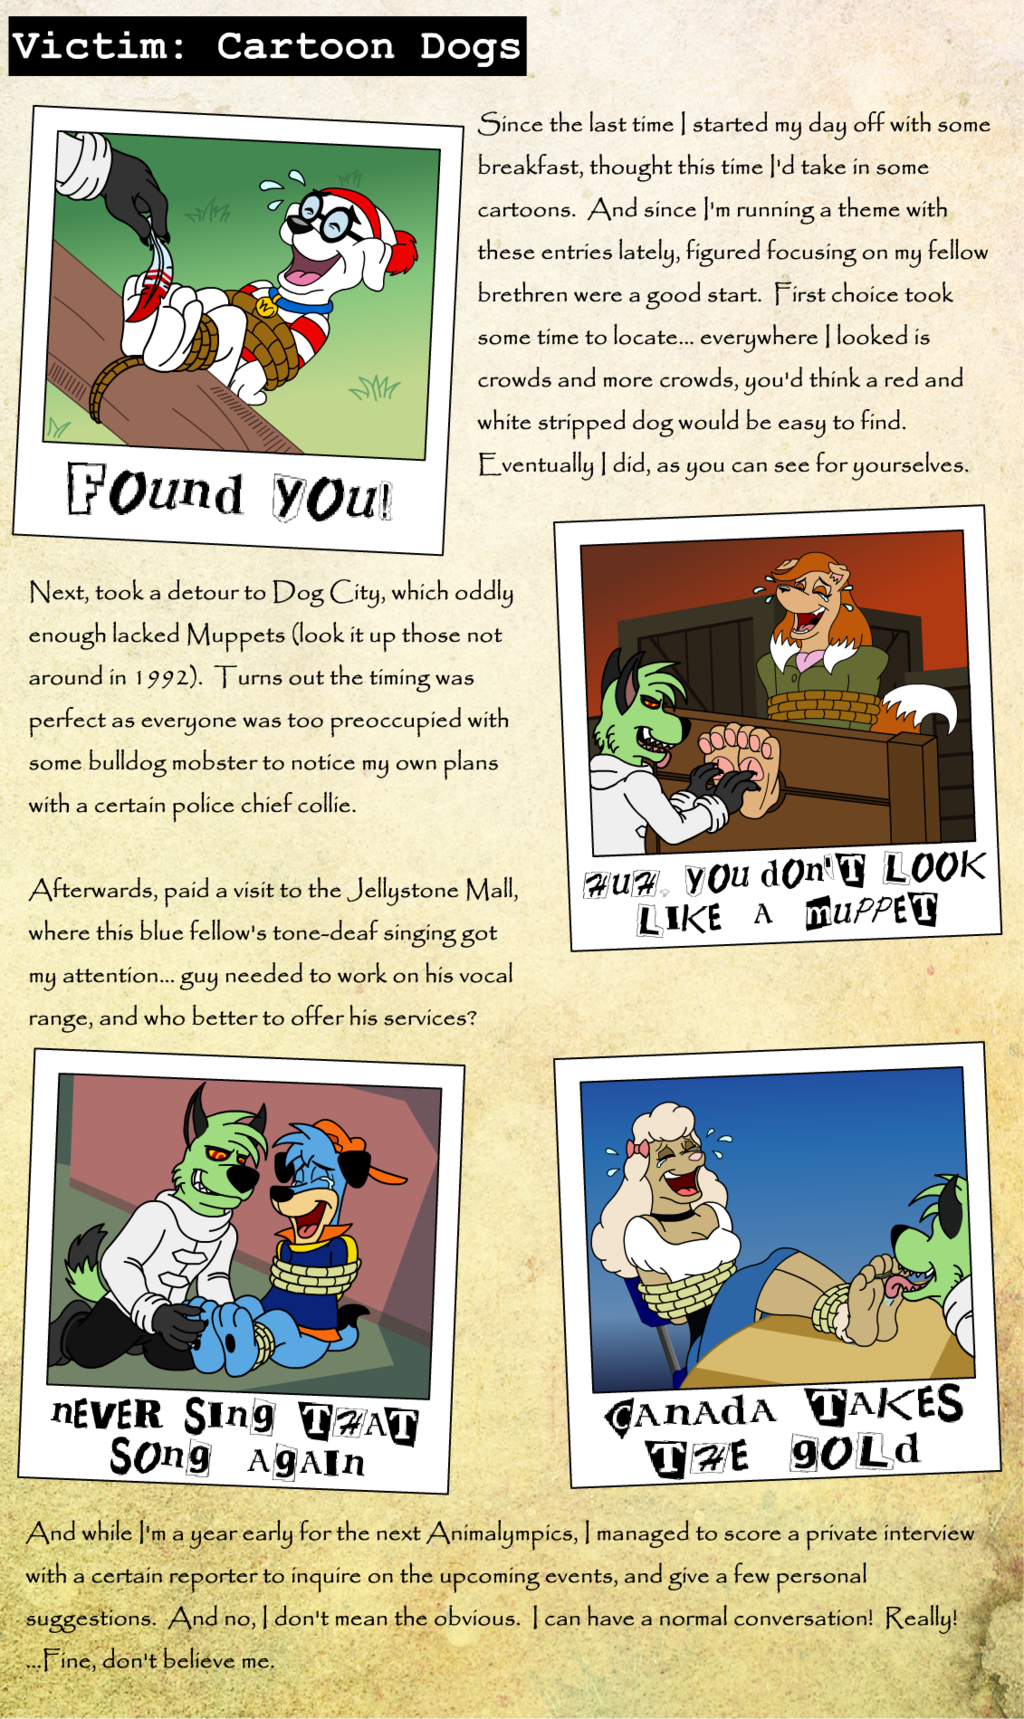 Victim 21: Cartoon Dogs